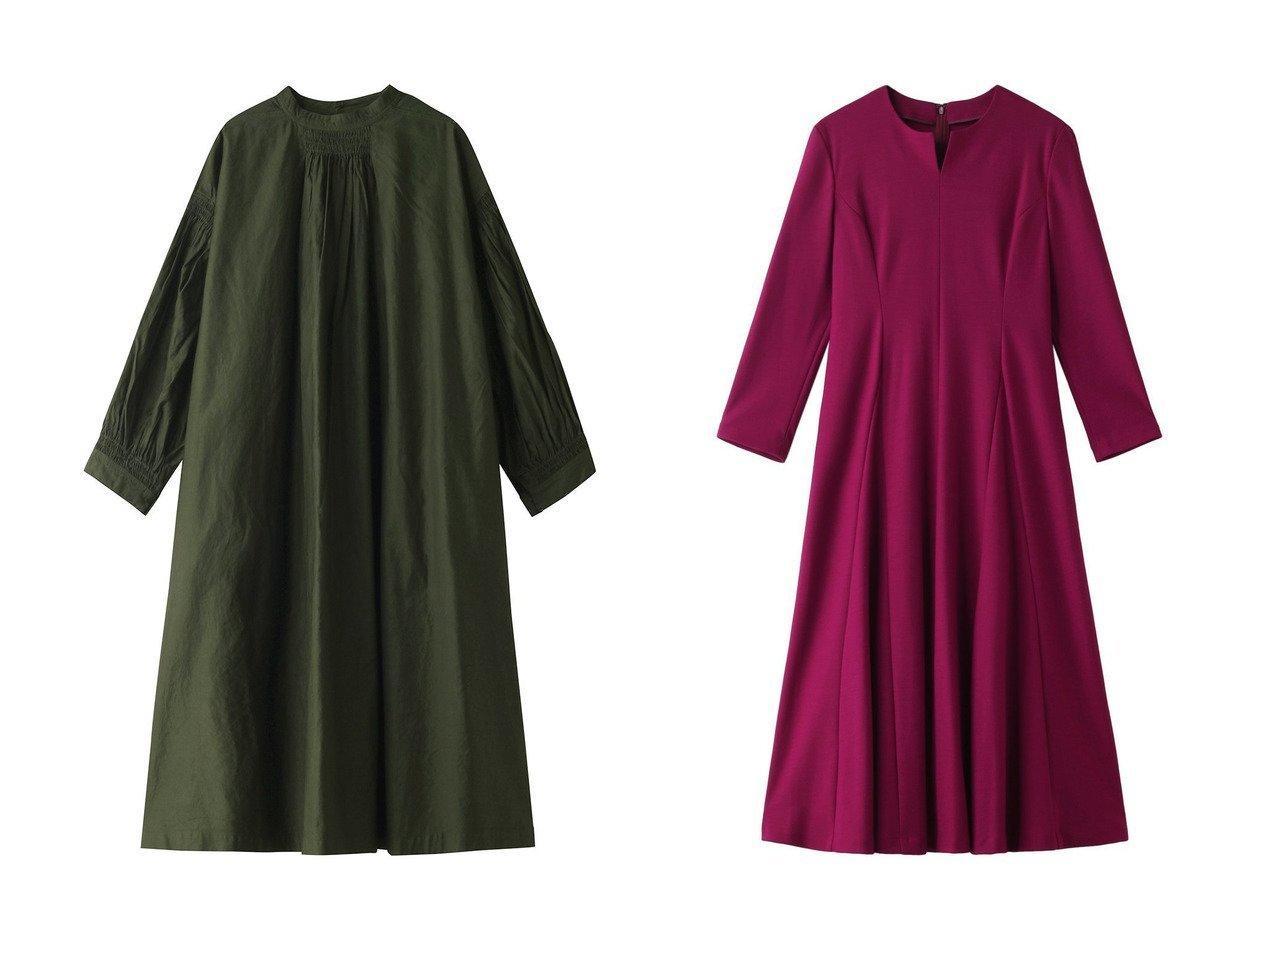 【nest Robe/ネストローブ】のサフィラン2WAYワンピース&【ANAYI/アナイ】のスムースフレアワンピース ワンピース・ドレスのおすすめ!人気、レディースファッションの通販  おすすめで人気のファッション通販商品 インテリア・家具・キッズファッション・メンズファッション・レディースファッション・服の通販 founy(ファニー) https://founy.com/ ファッション Fashion レディース WOMEN ワンピース Dress クラシカル リネン ロング  ID:crp329100000000701